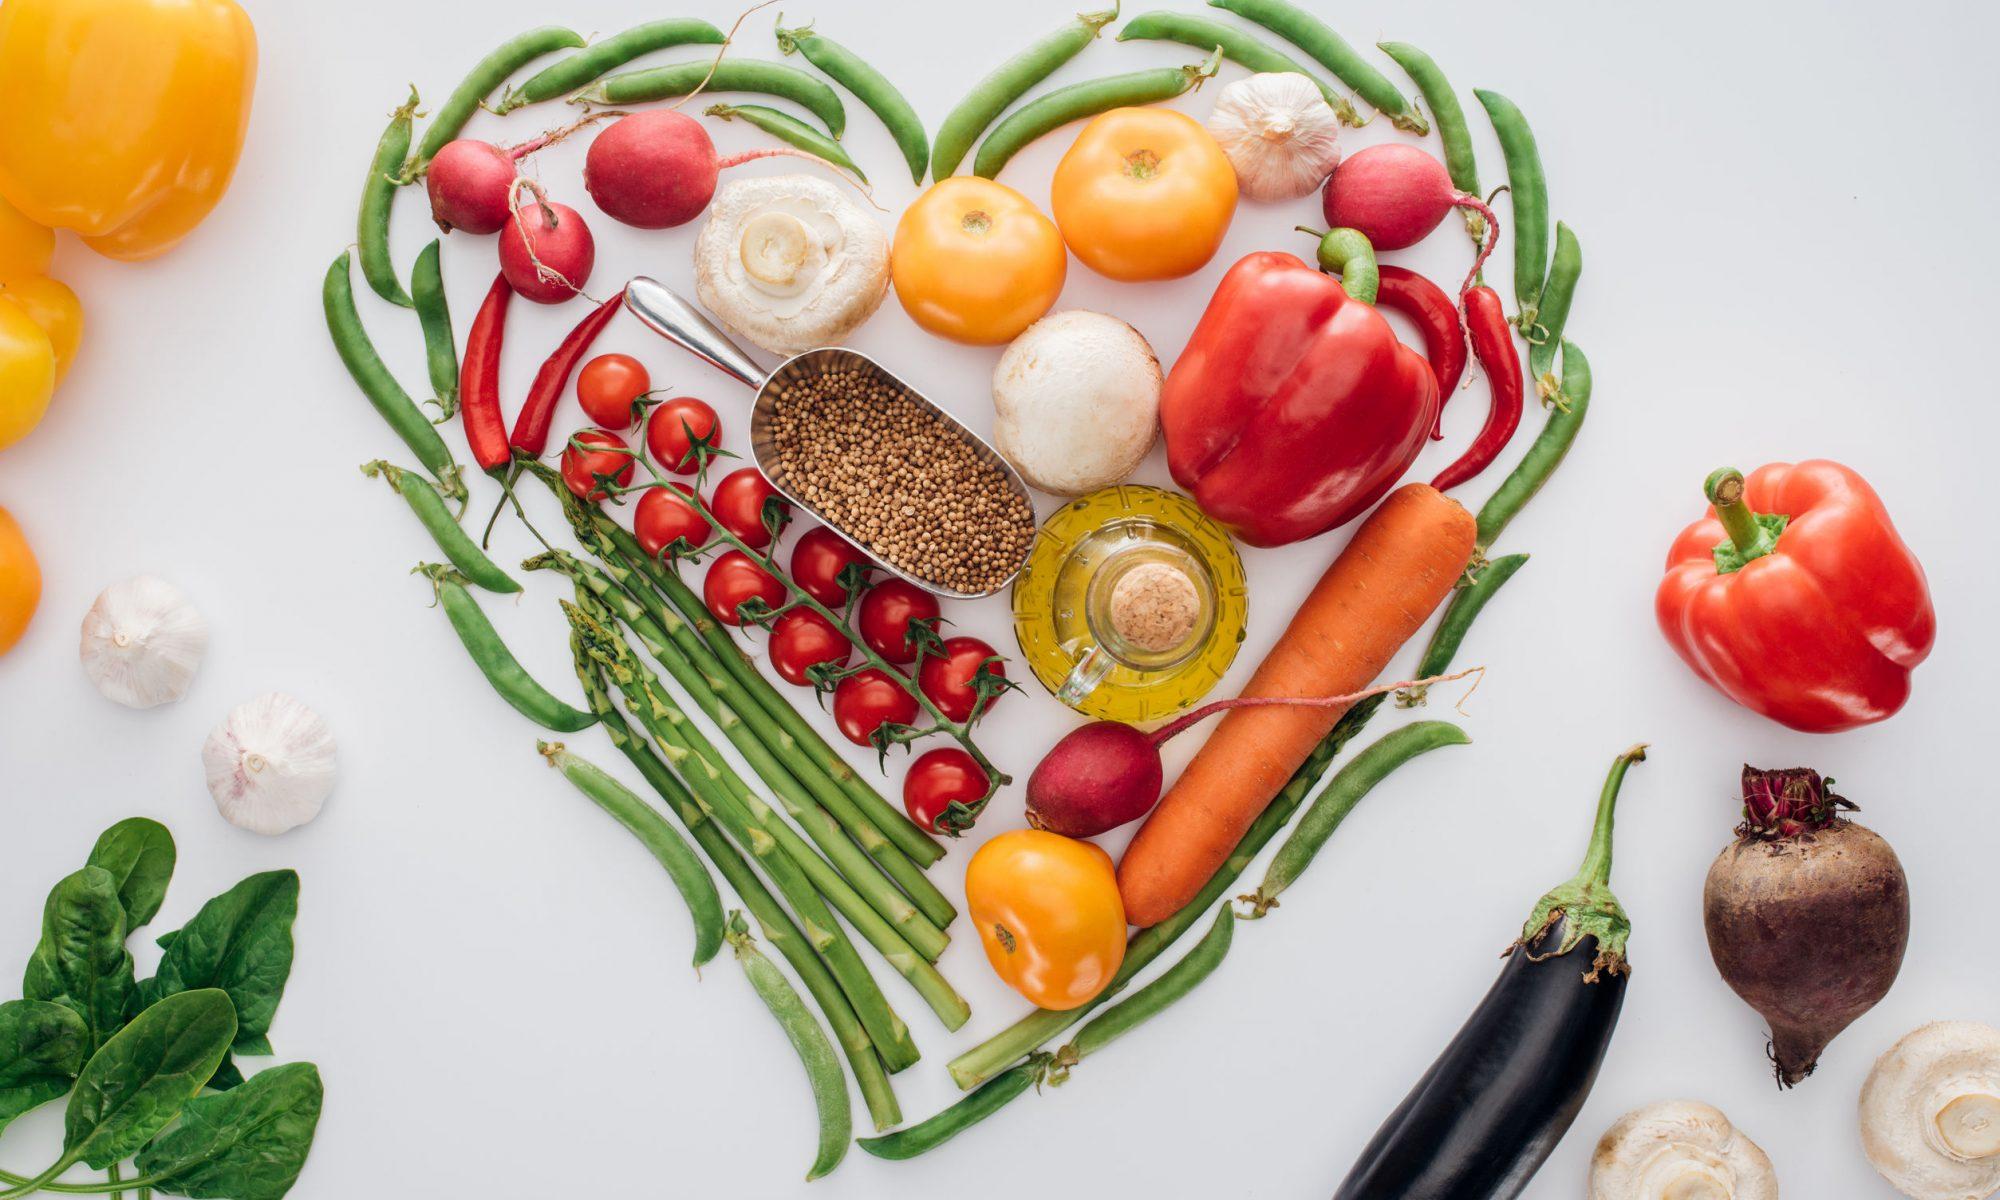 Блюда из овощей: рецепты на каждый день